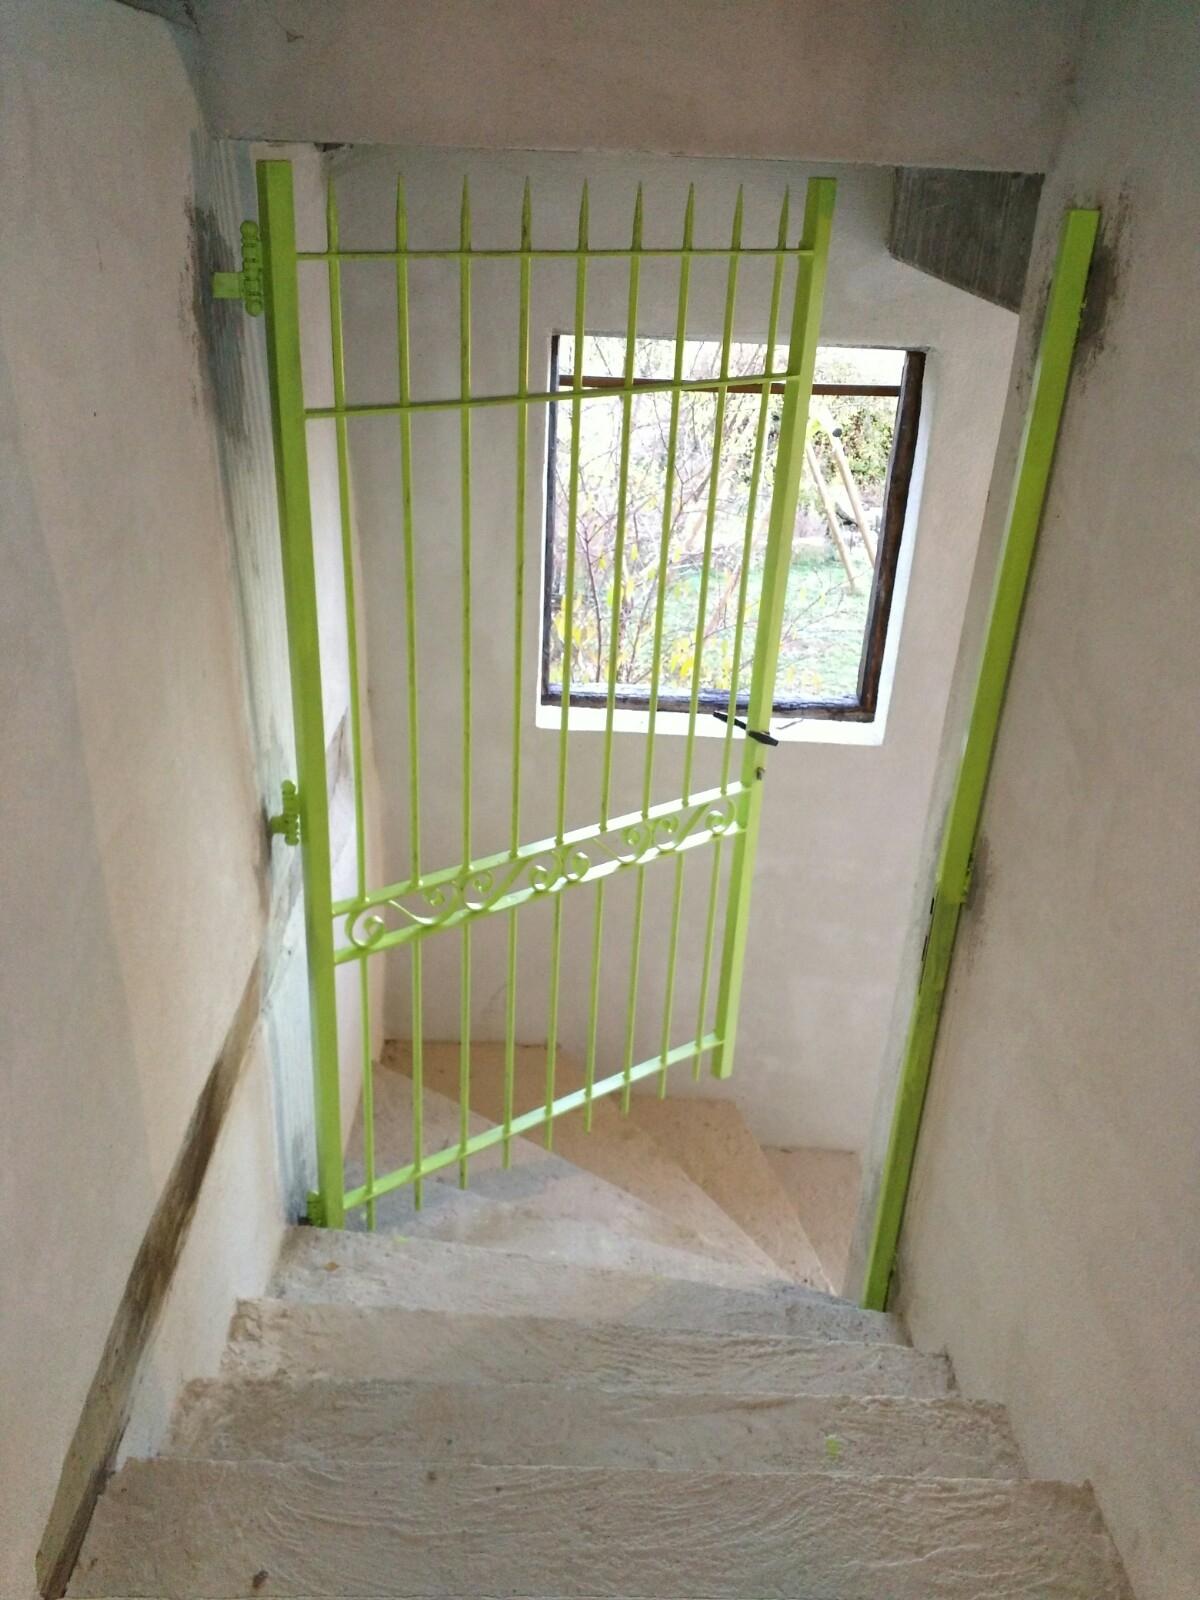 A la demande de notre client nous avons fabriqué sur mesure une grille de protection pour accès escalier - réalisation à partir de notre gamme de pièces détachées - Localisation Haut Rhin .